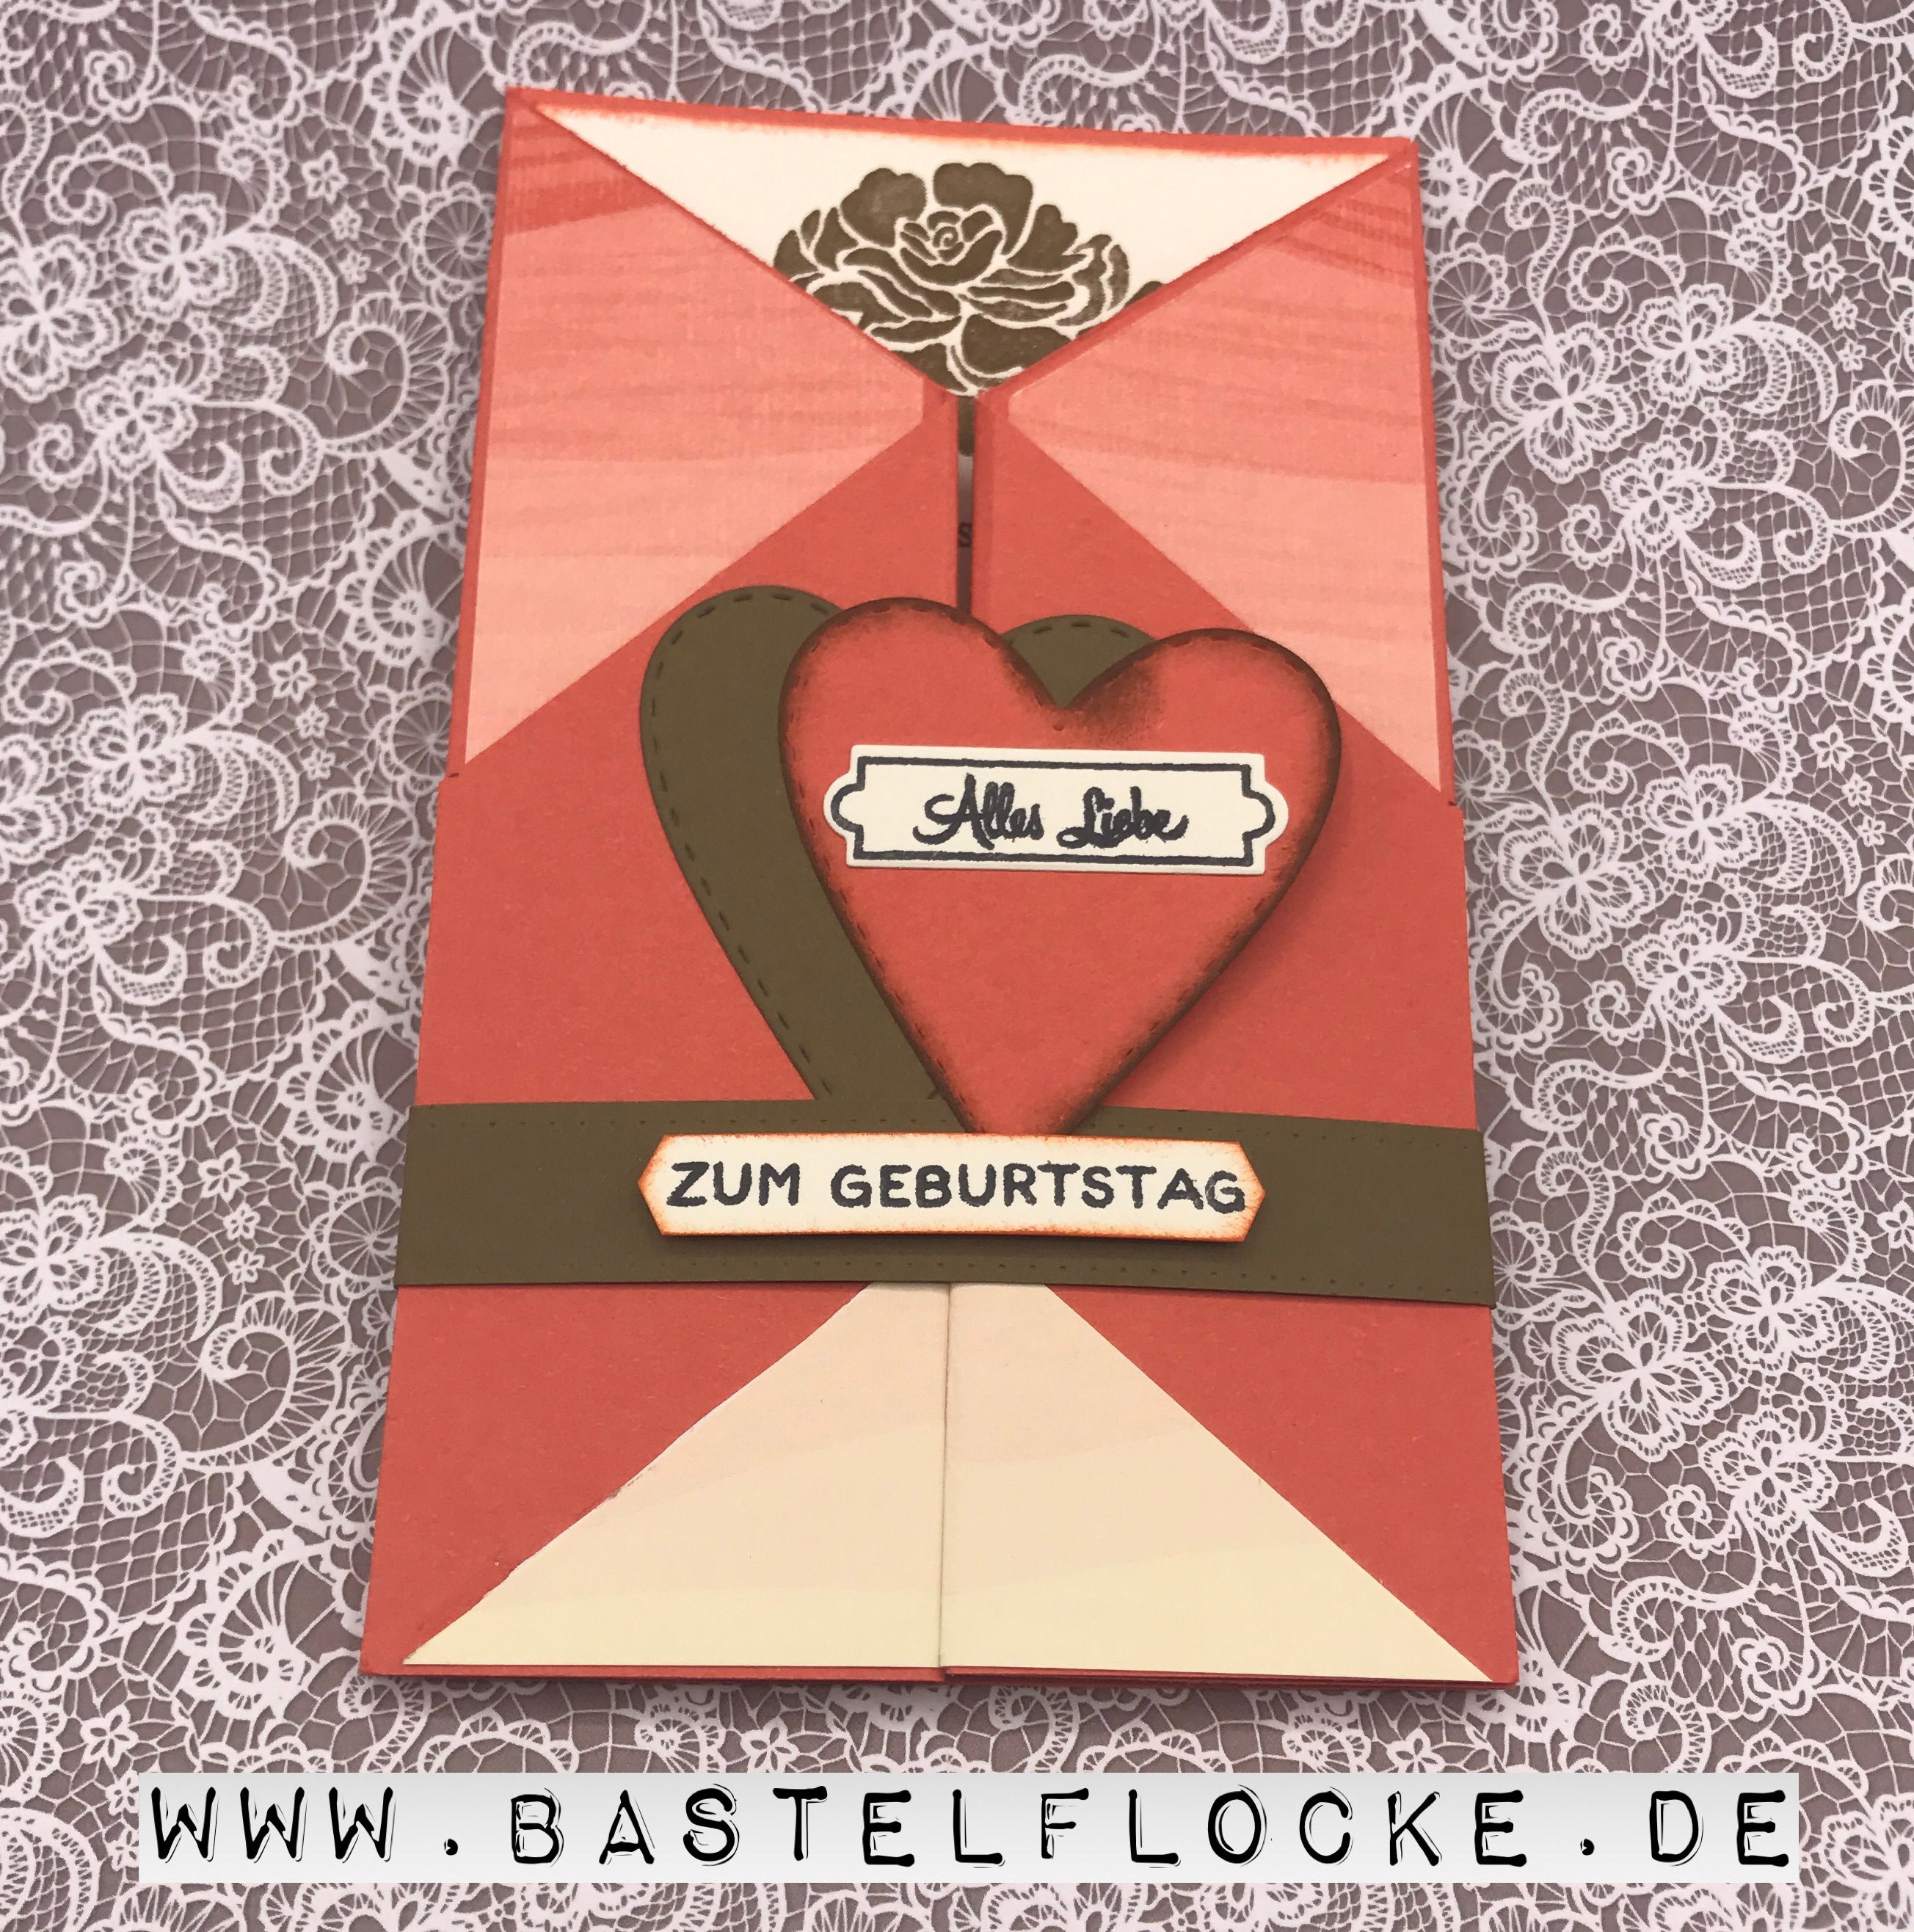 Geburtstagskarte für einen ganz besonderen Menschen | Bastelflocke